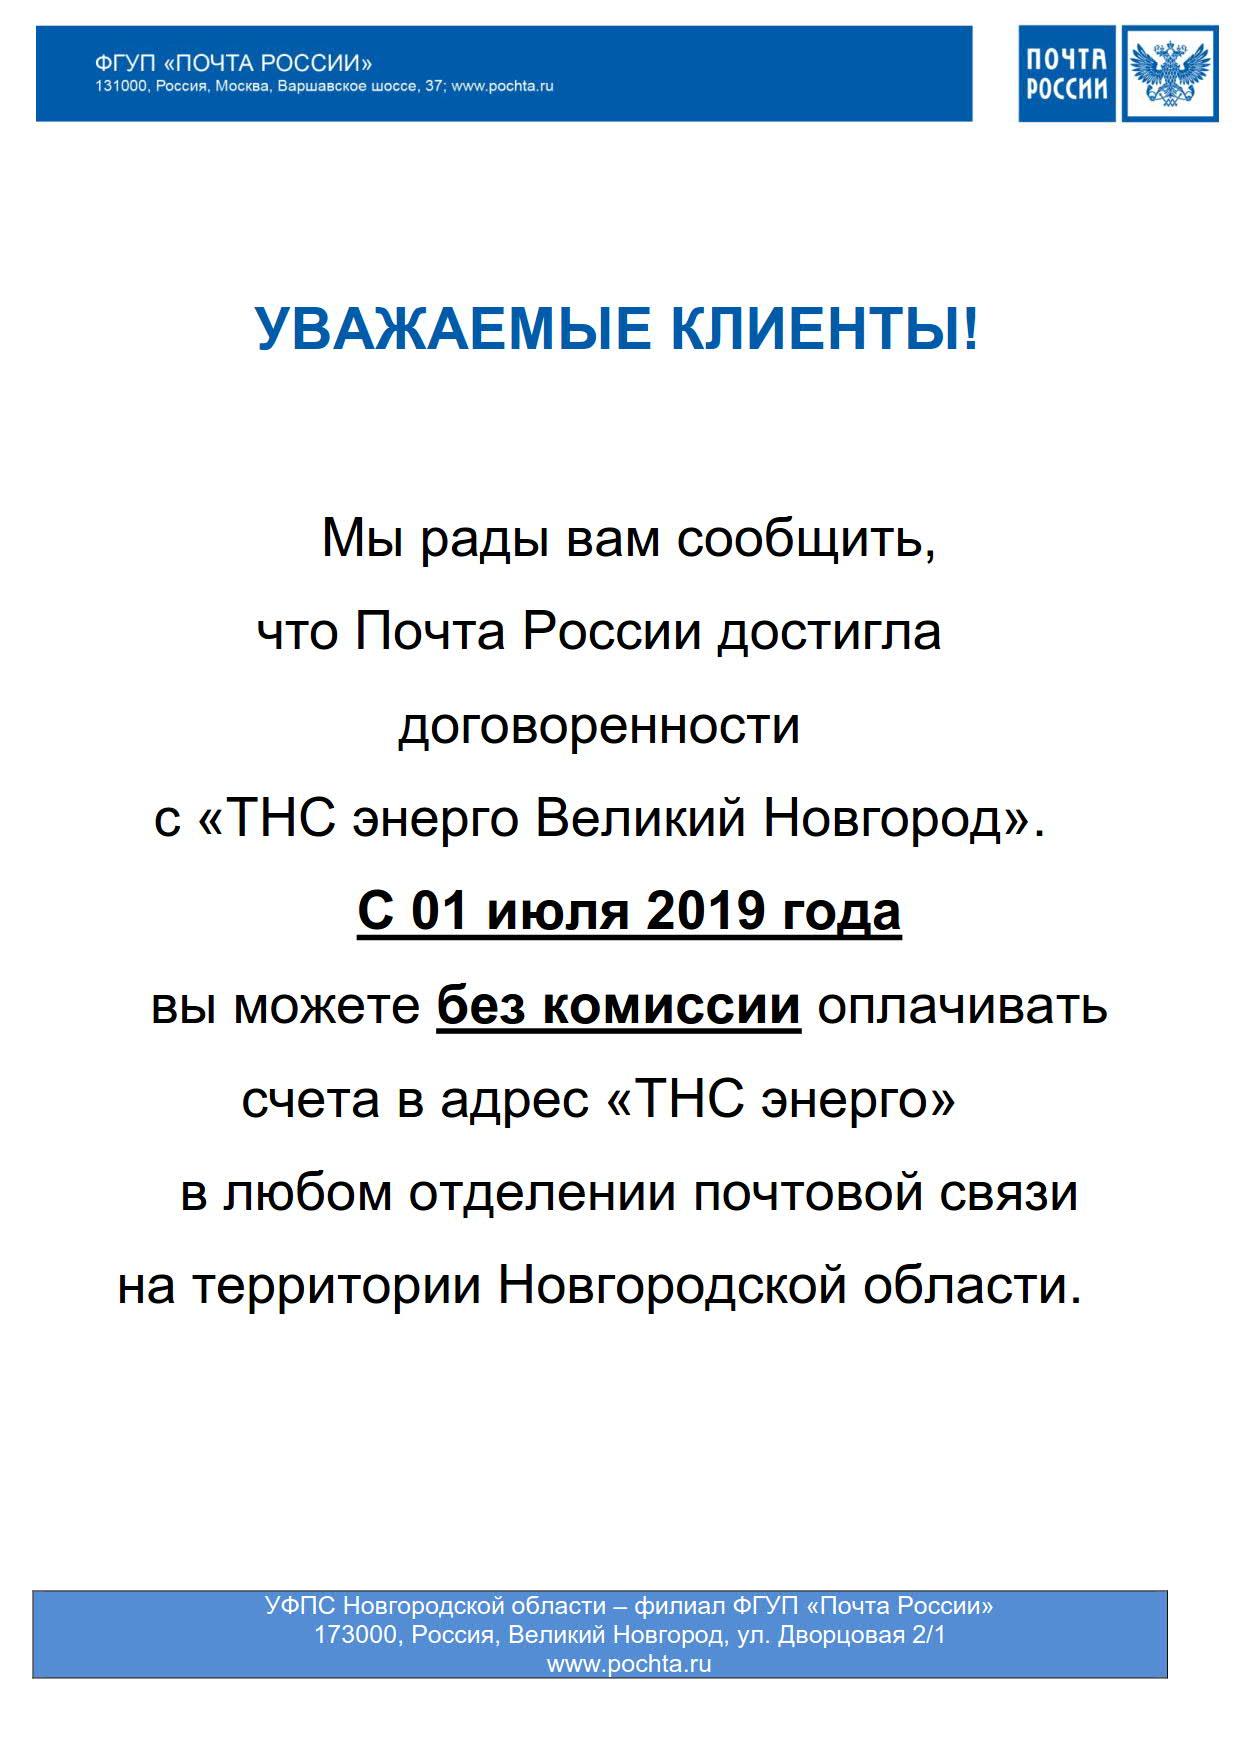 Объявление ТНС_1